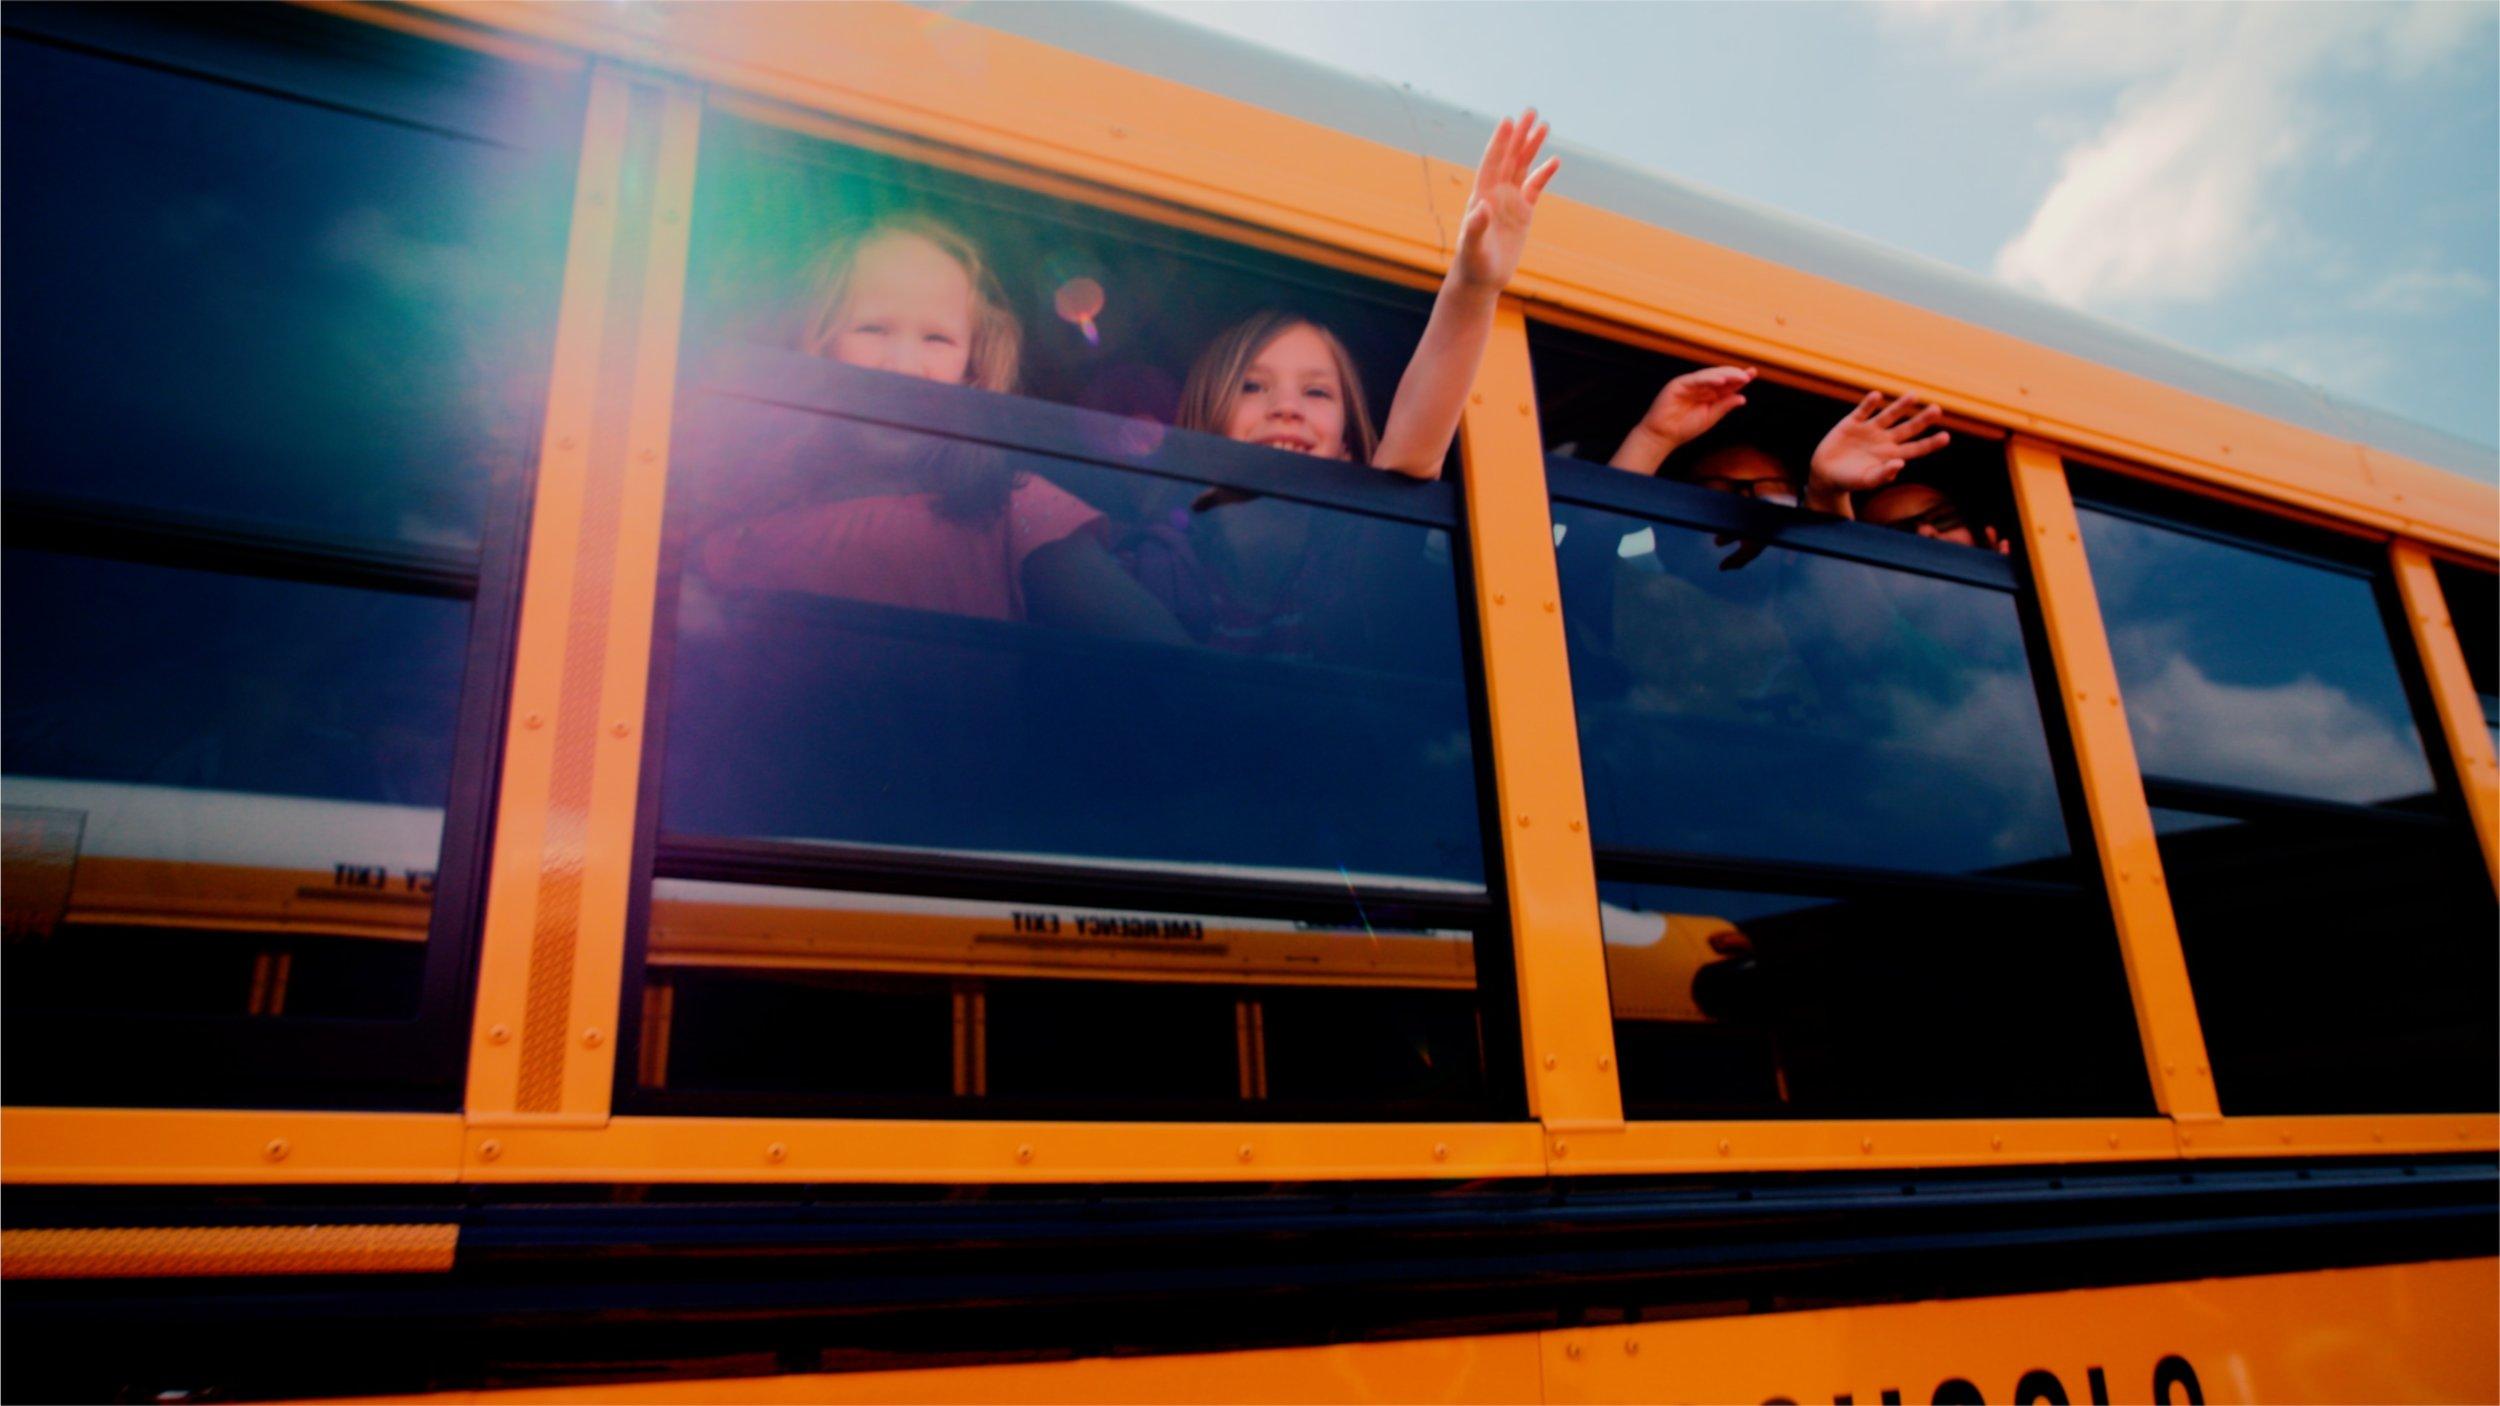 Hinkle Creek - Waving Out Bus Window.jpg